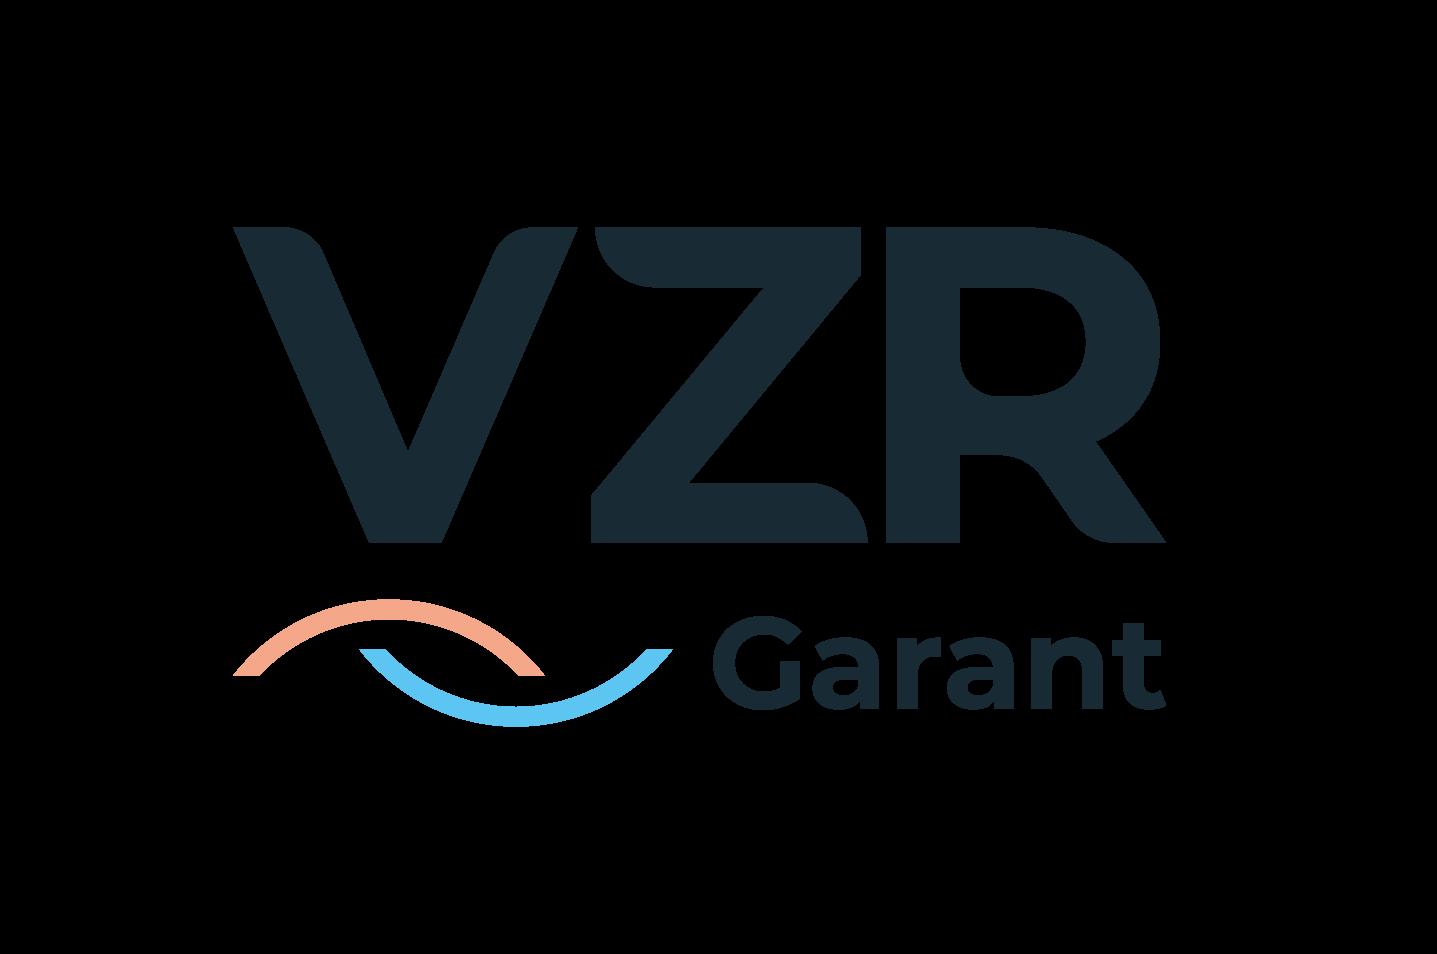 VZR Garantie